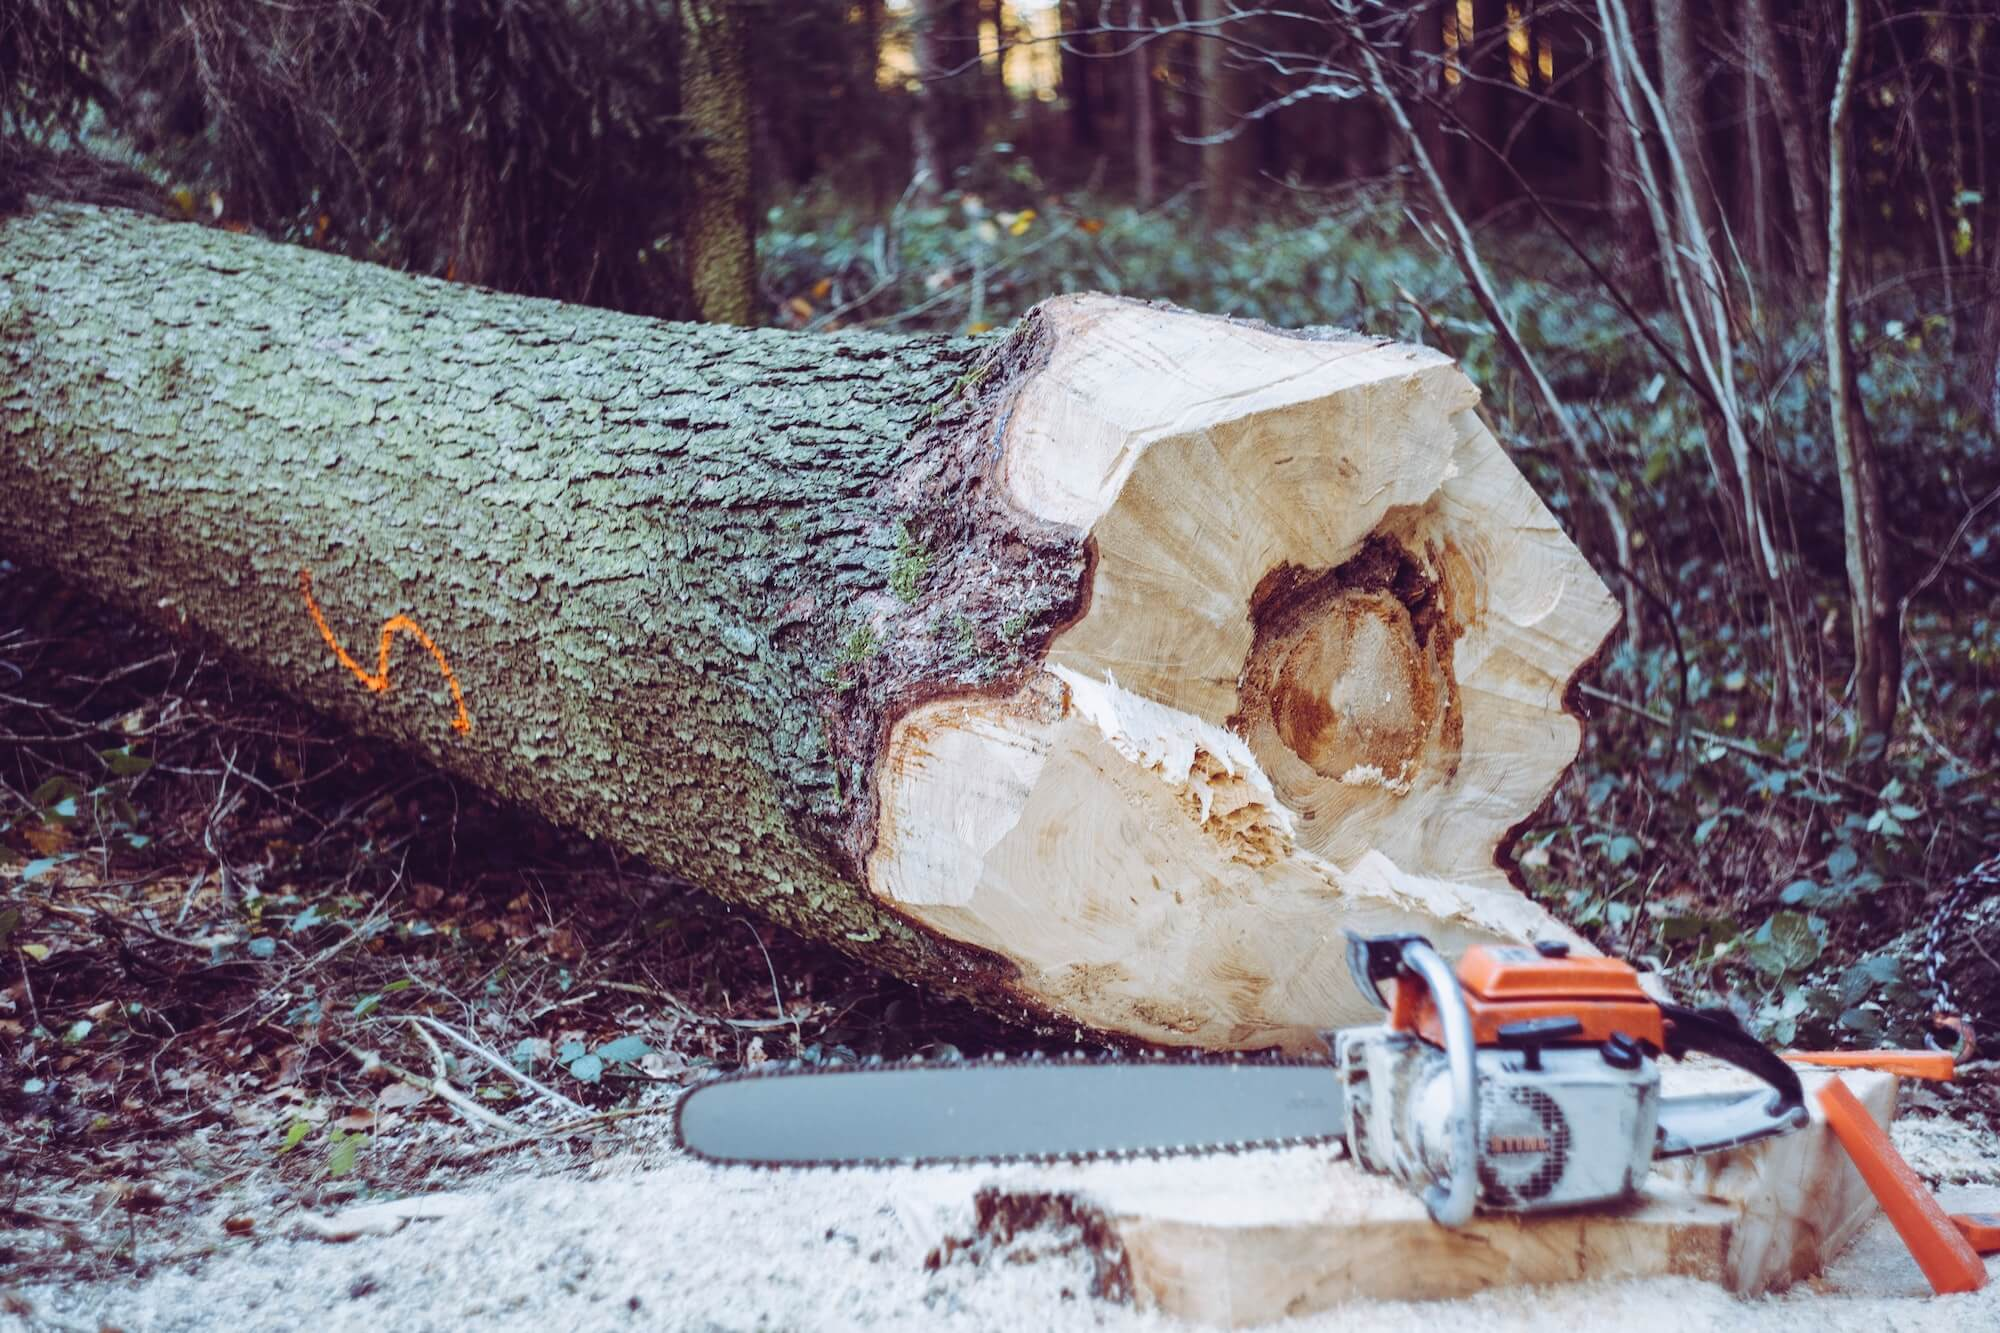 Tronc d'arbre coupé avec une tronçonneuse